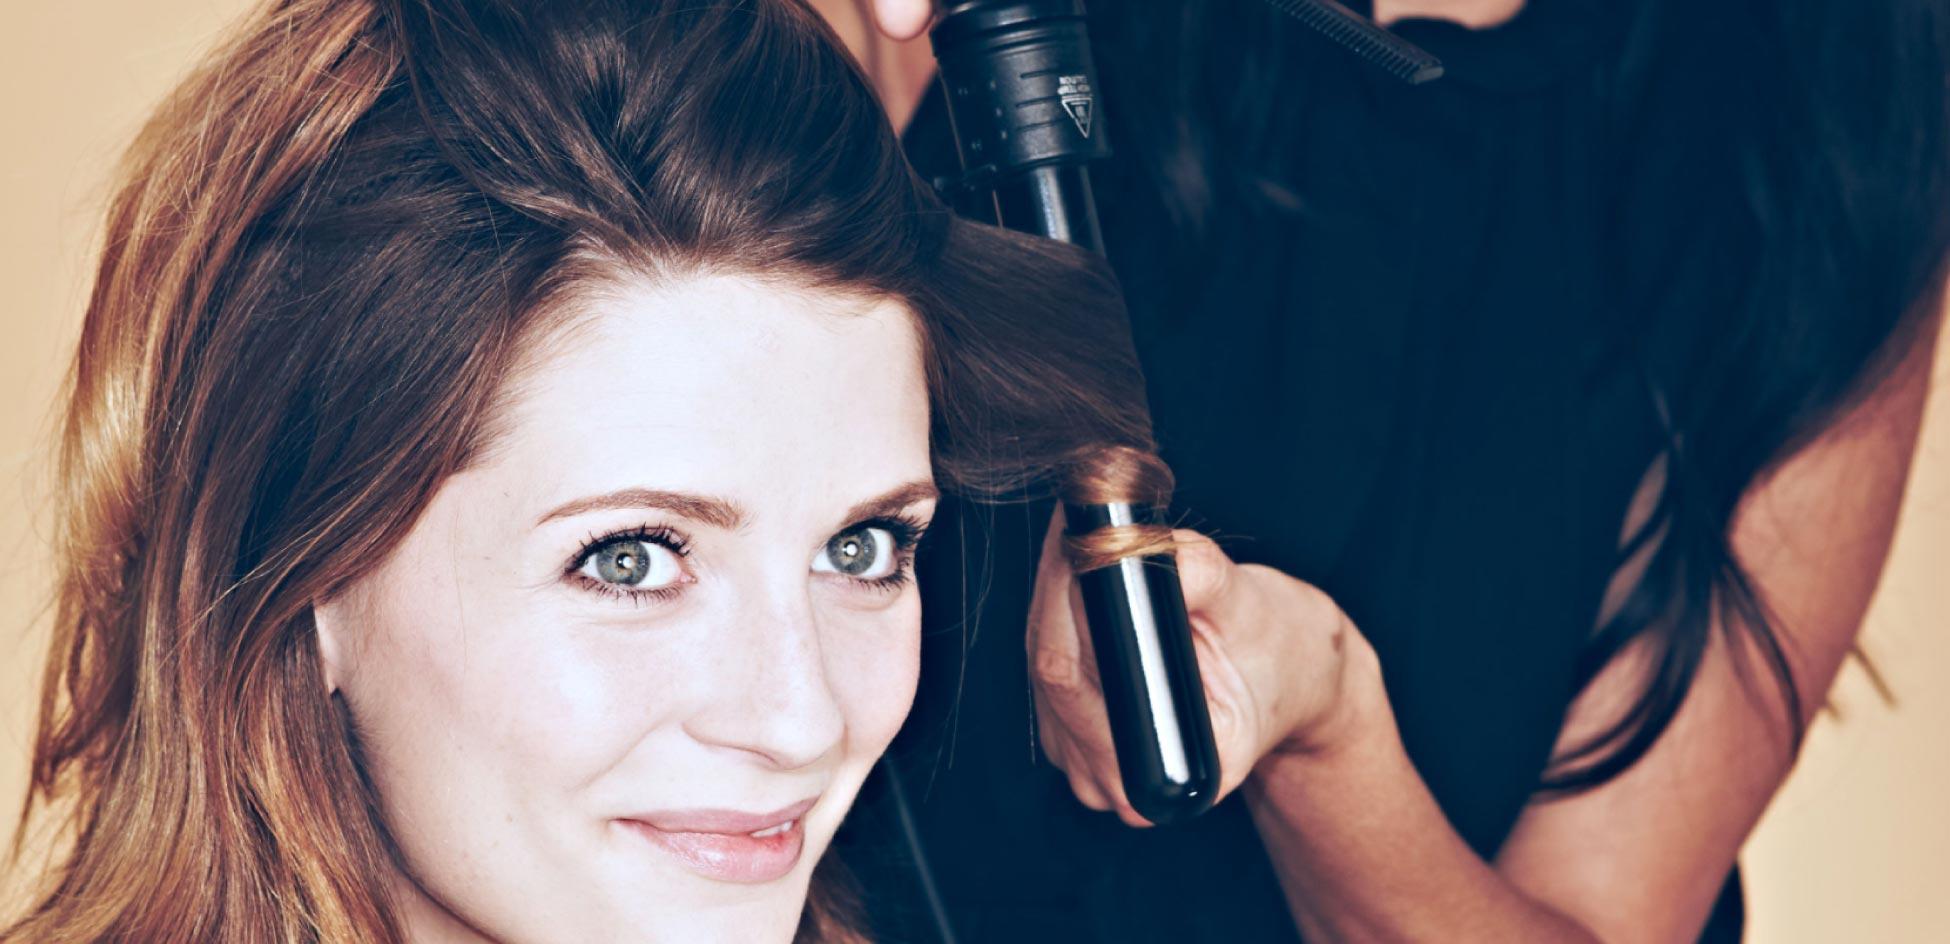 Hair Salon London - Inanch - Hair Styling Service